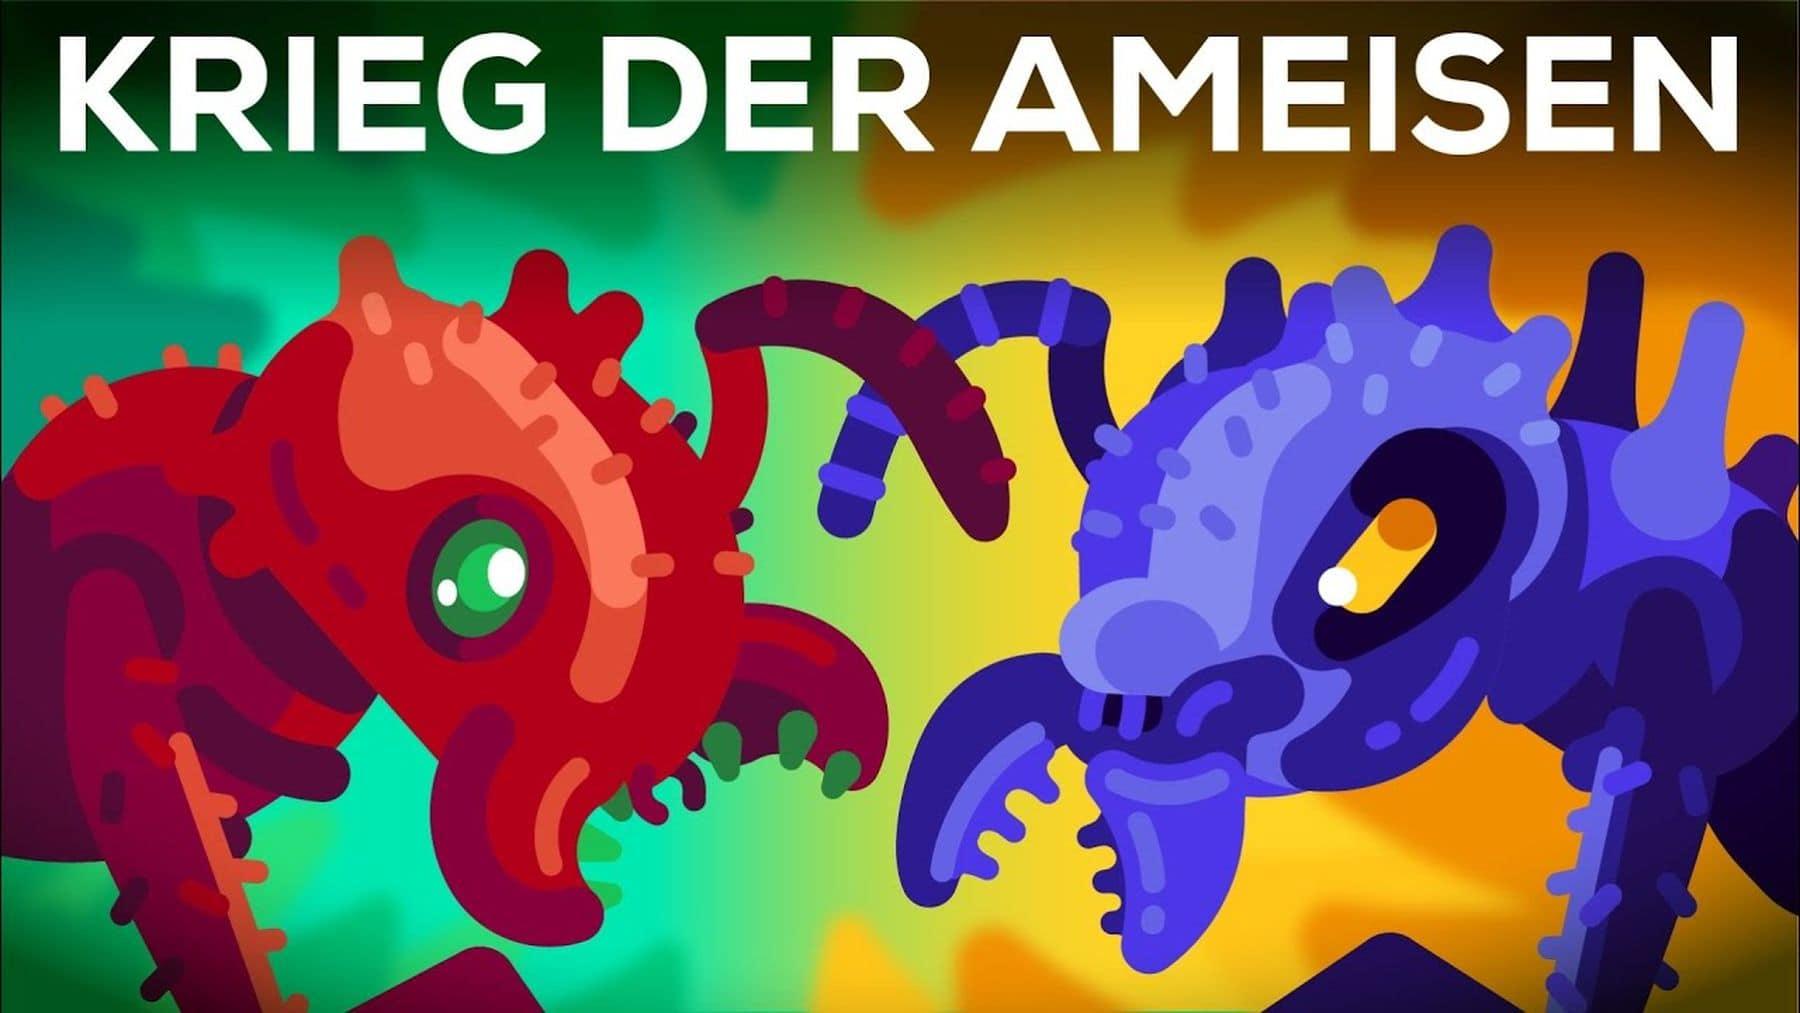 Der Weltkrieg der Ameisen | Was gelernt | Was is hier eigentlich los?